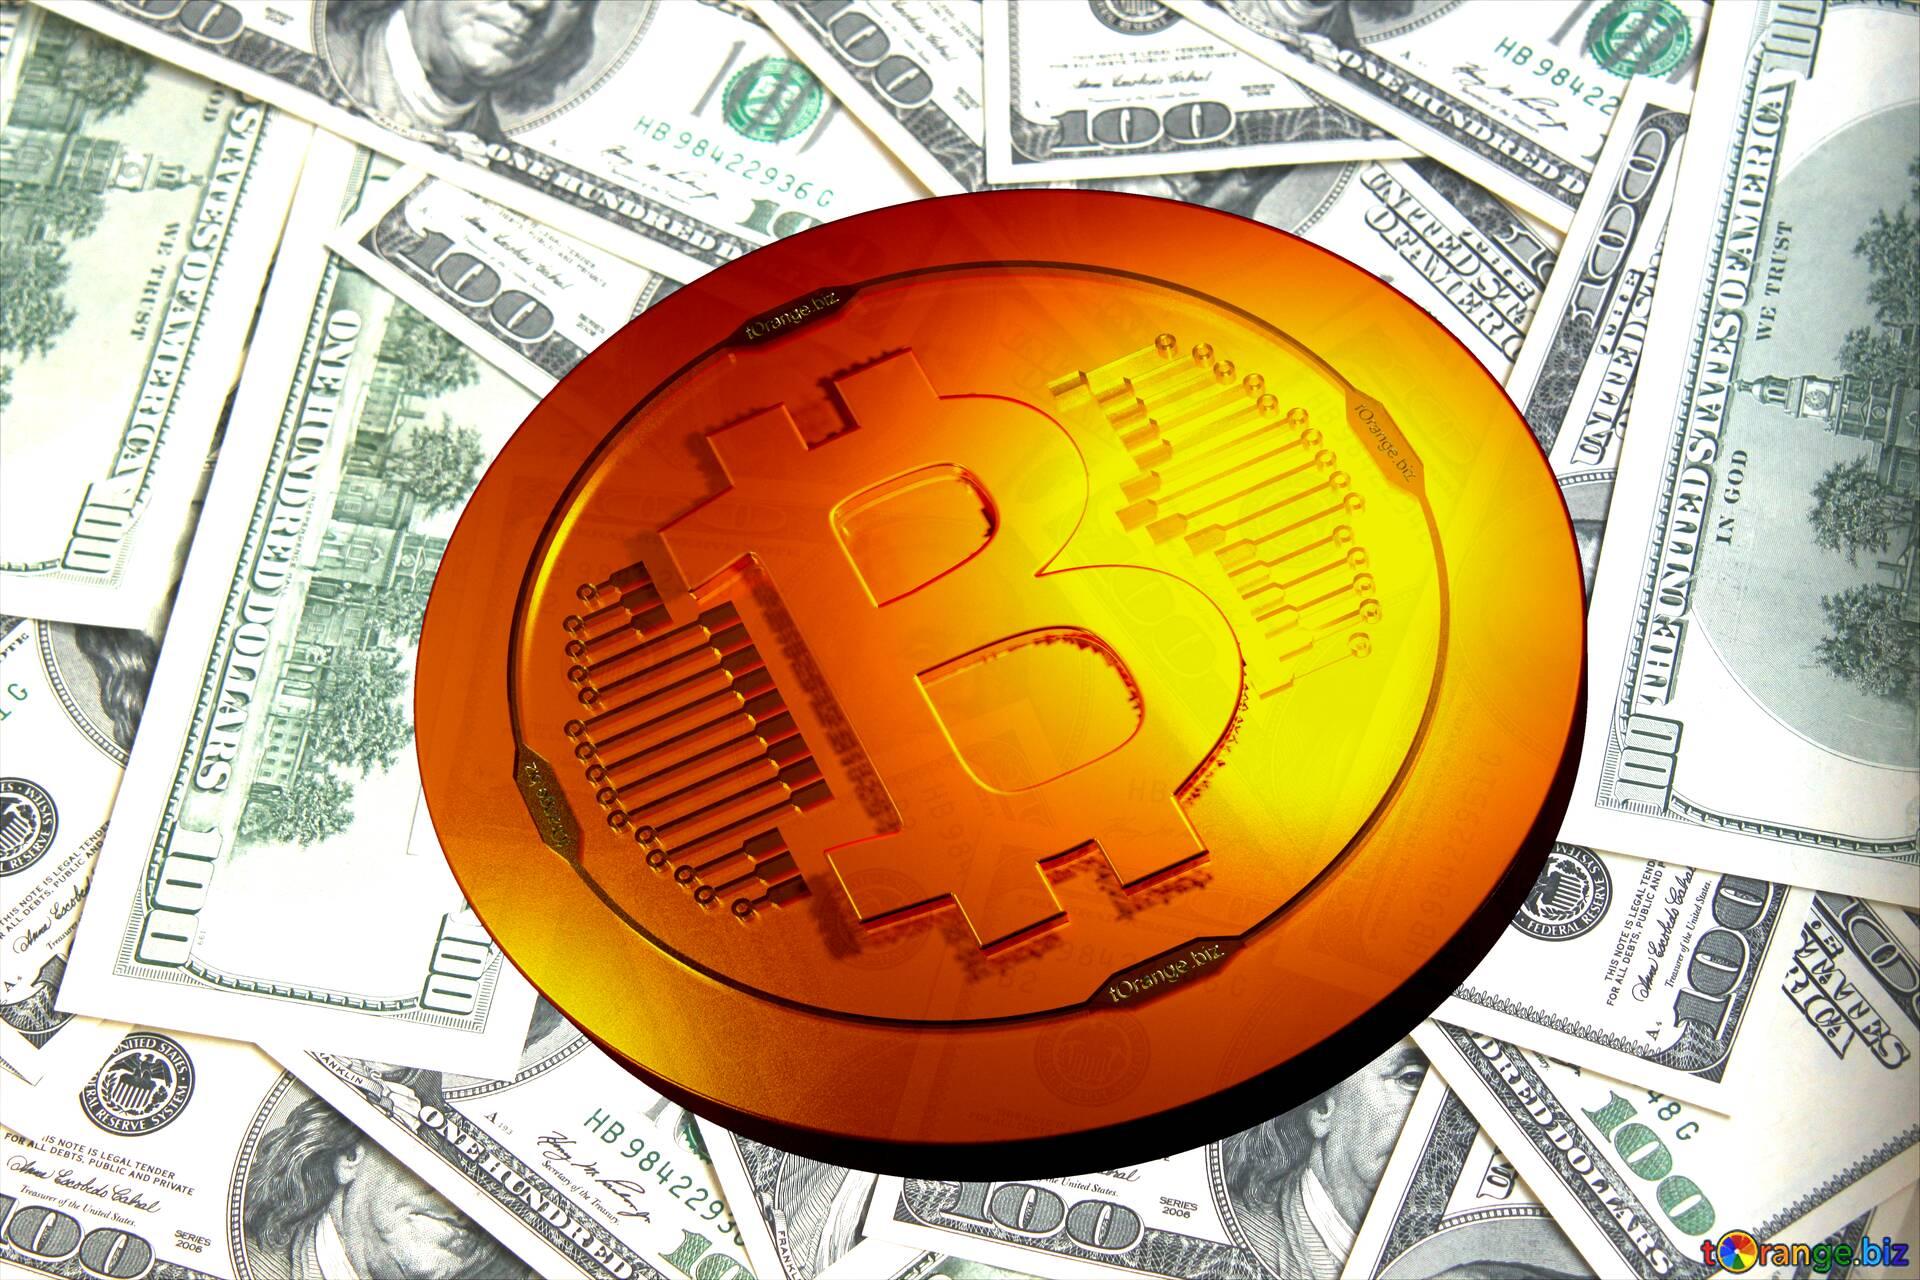 money aggiungi bitcoin come calcolare la percentuale di btc